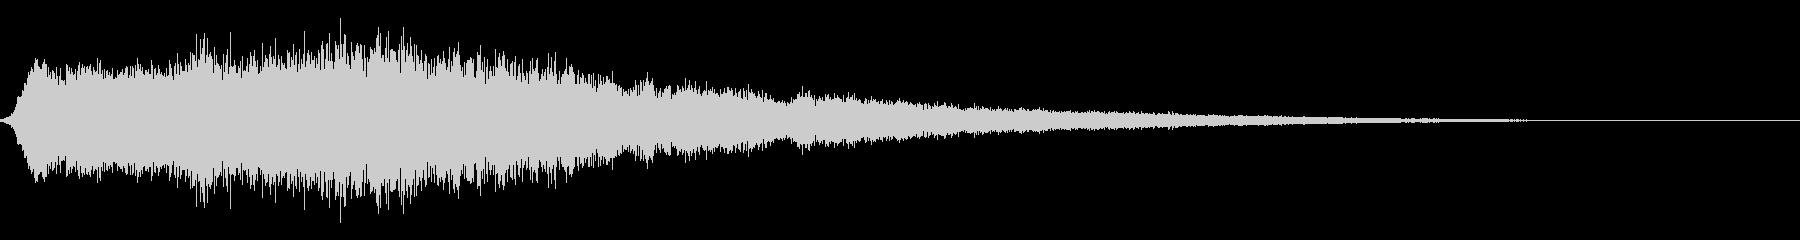 ぽわーん_高(セーブ/回復音)の未再生の波形